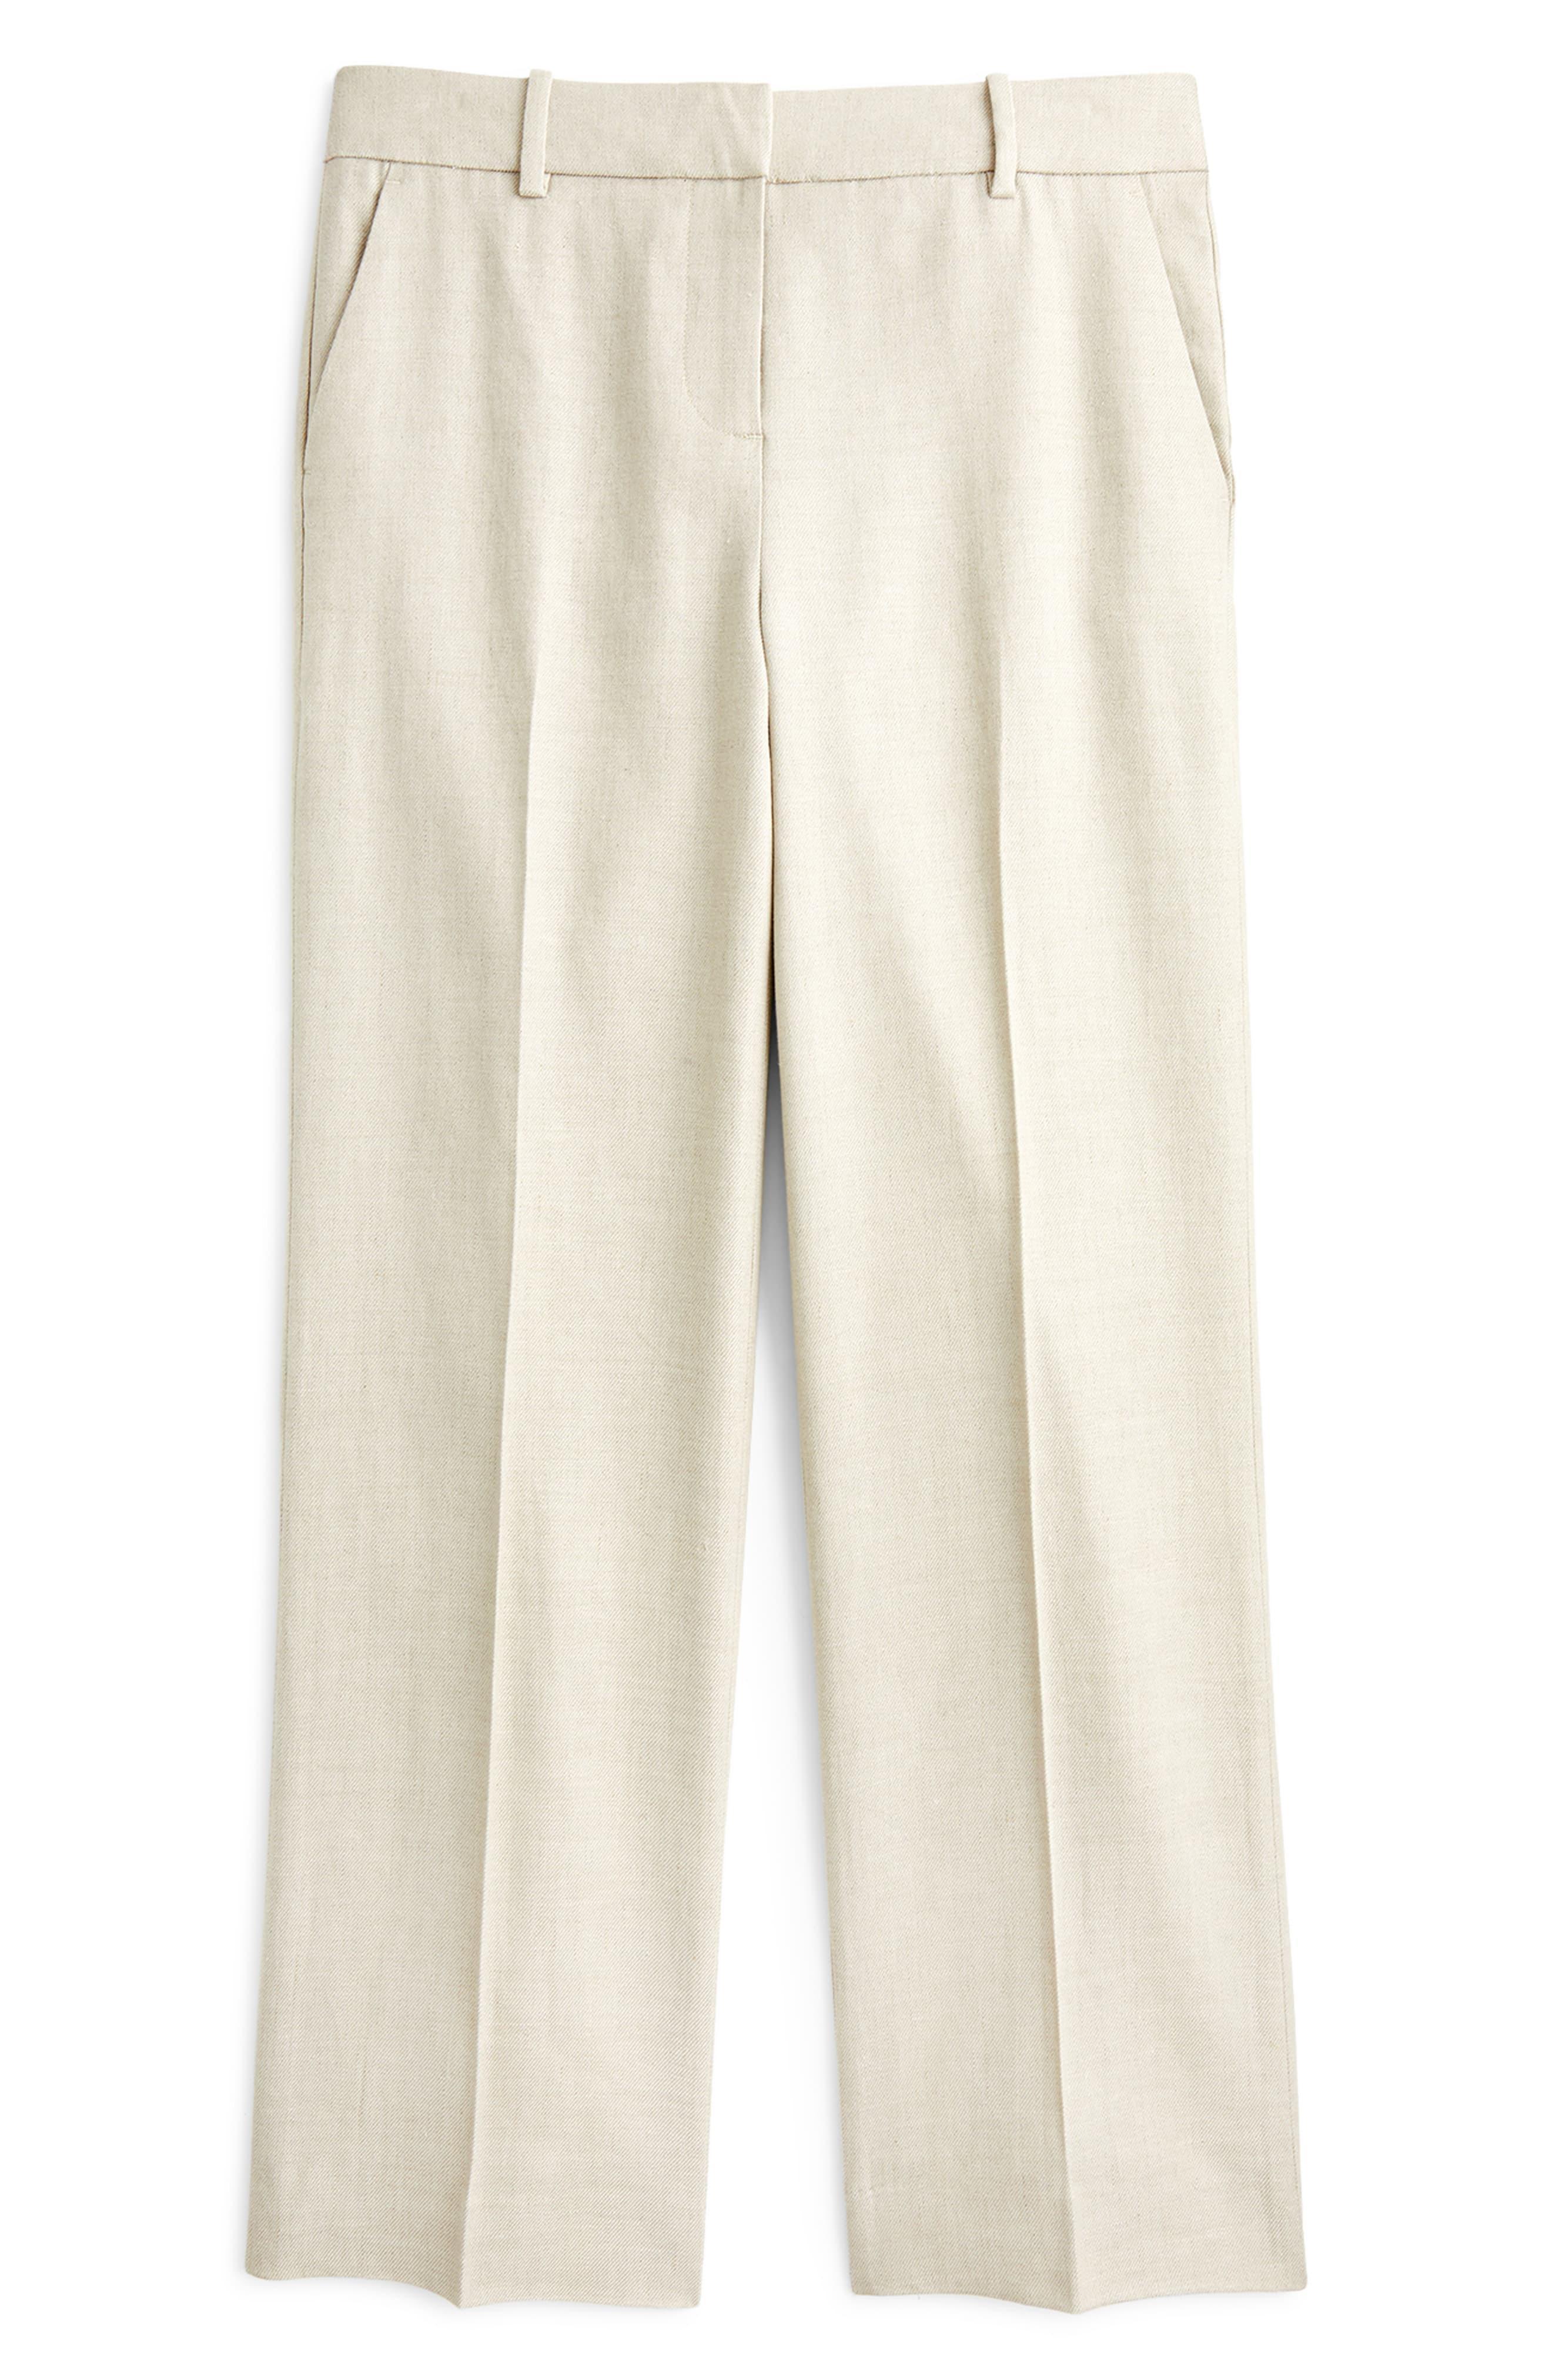 54585cb47a J.Crew Peyton Linen Blend Wide Leg Pants in Pink - Save 40% - Lyst